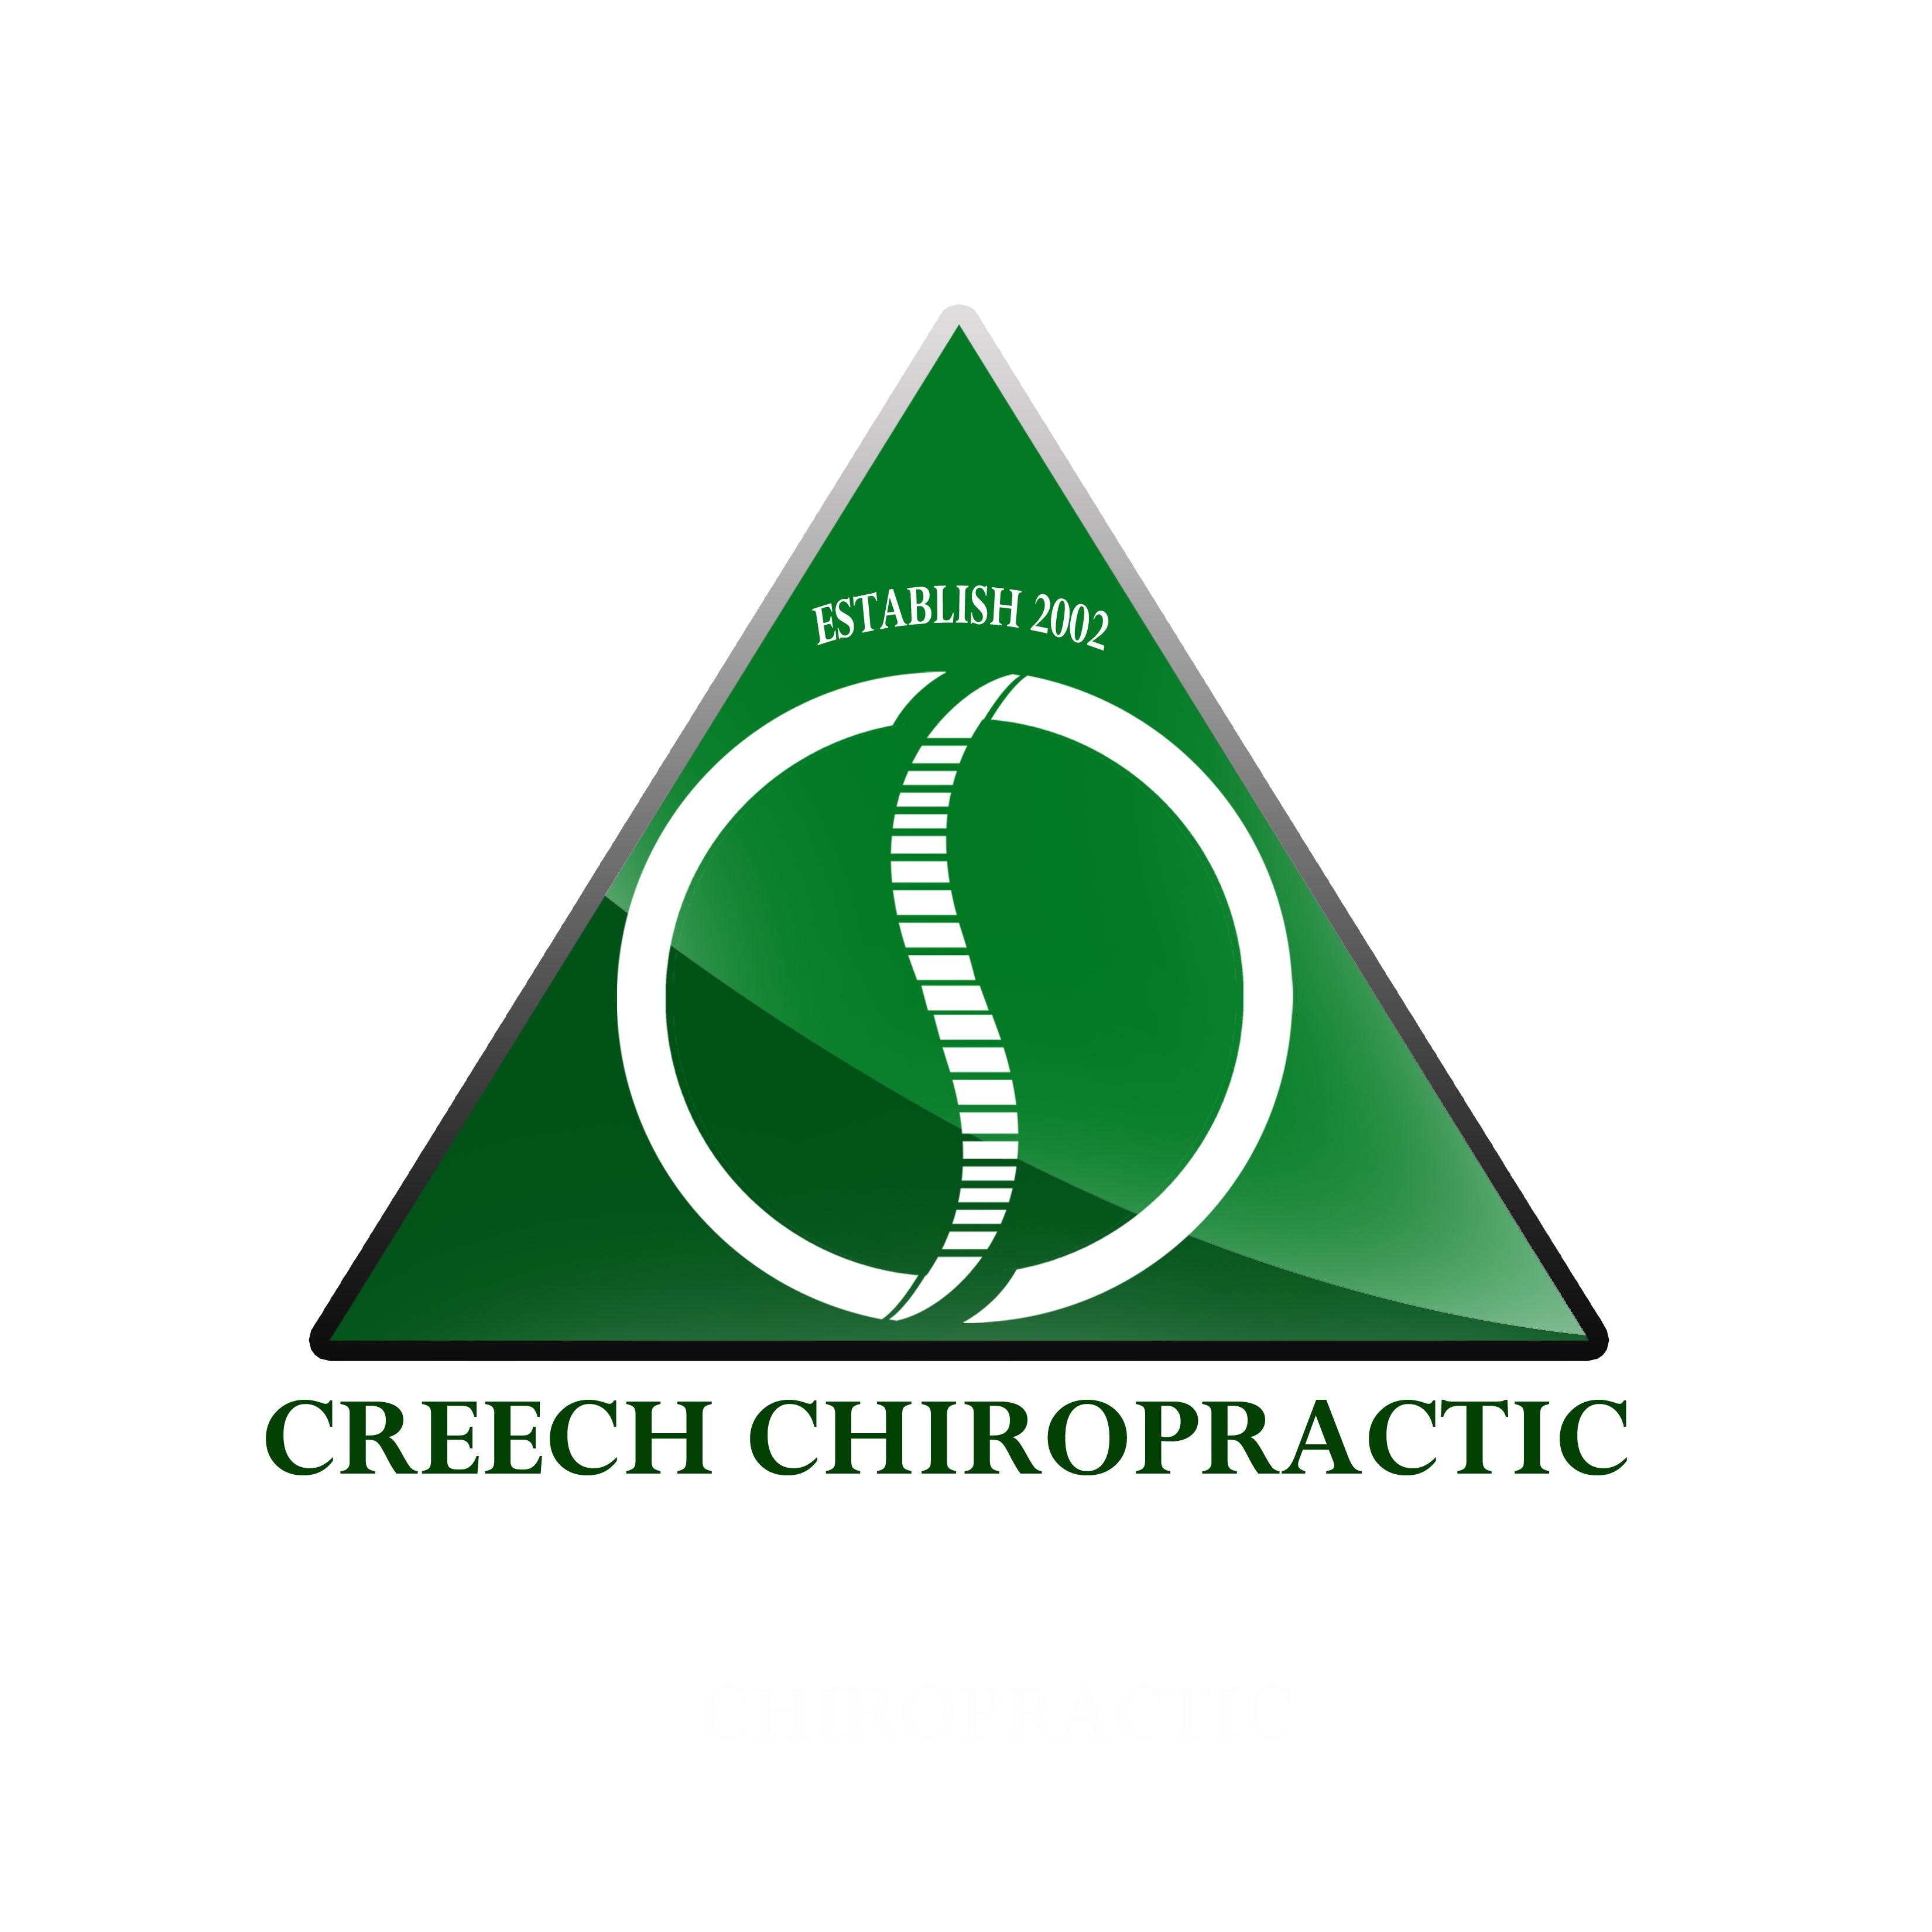 Logo Design by Allan Esclamado - Entry No. 8 in the Logo Design Contest Imaginative Logo Design for Creech Chiropractic.